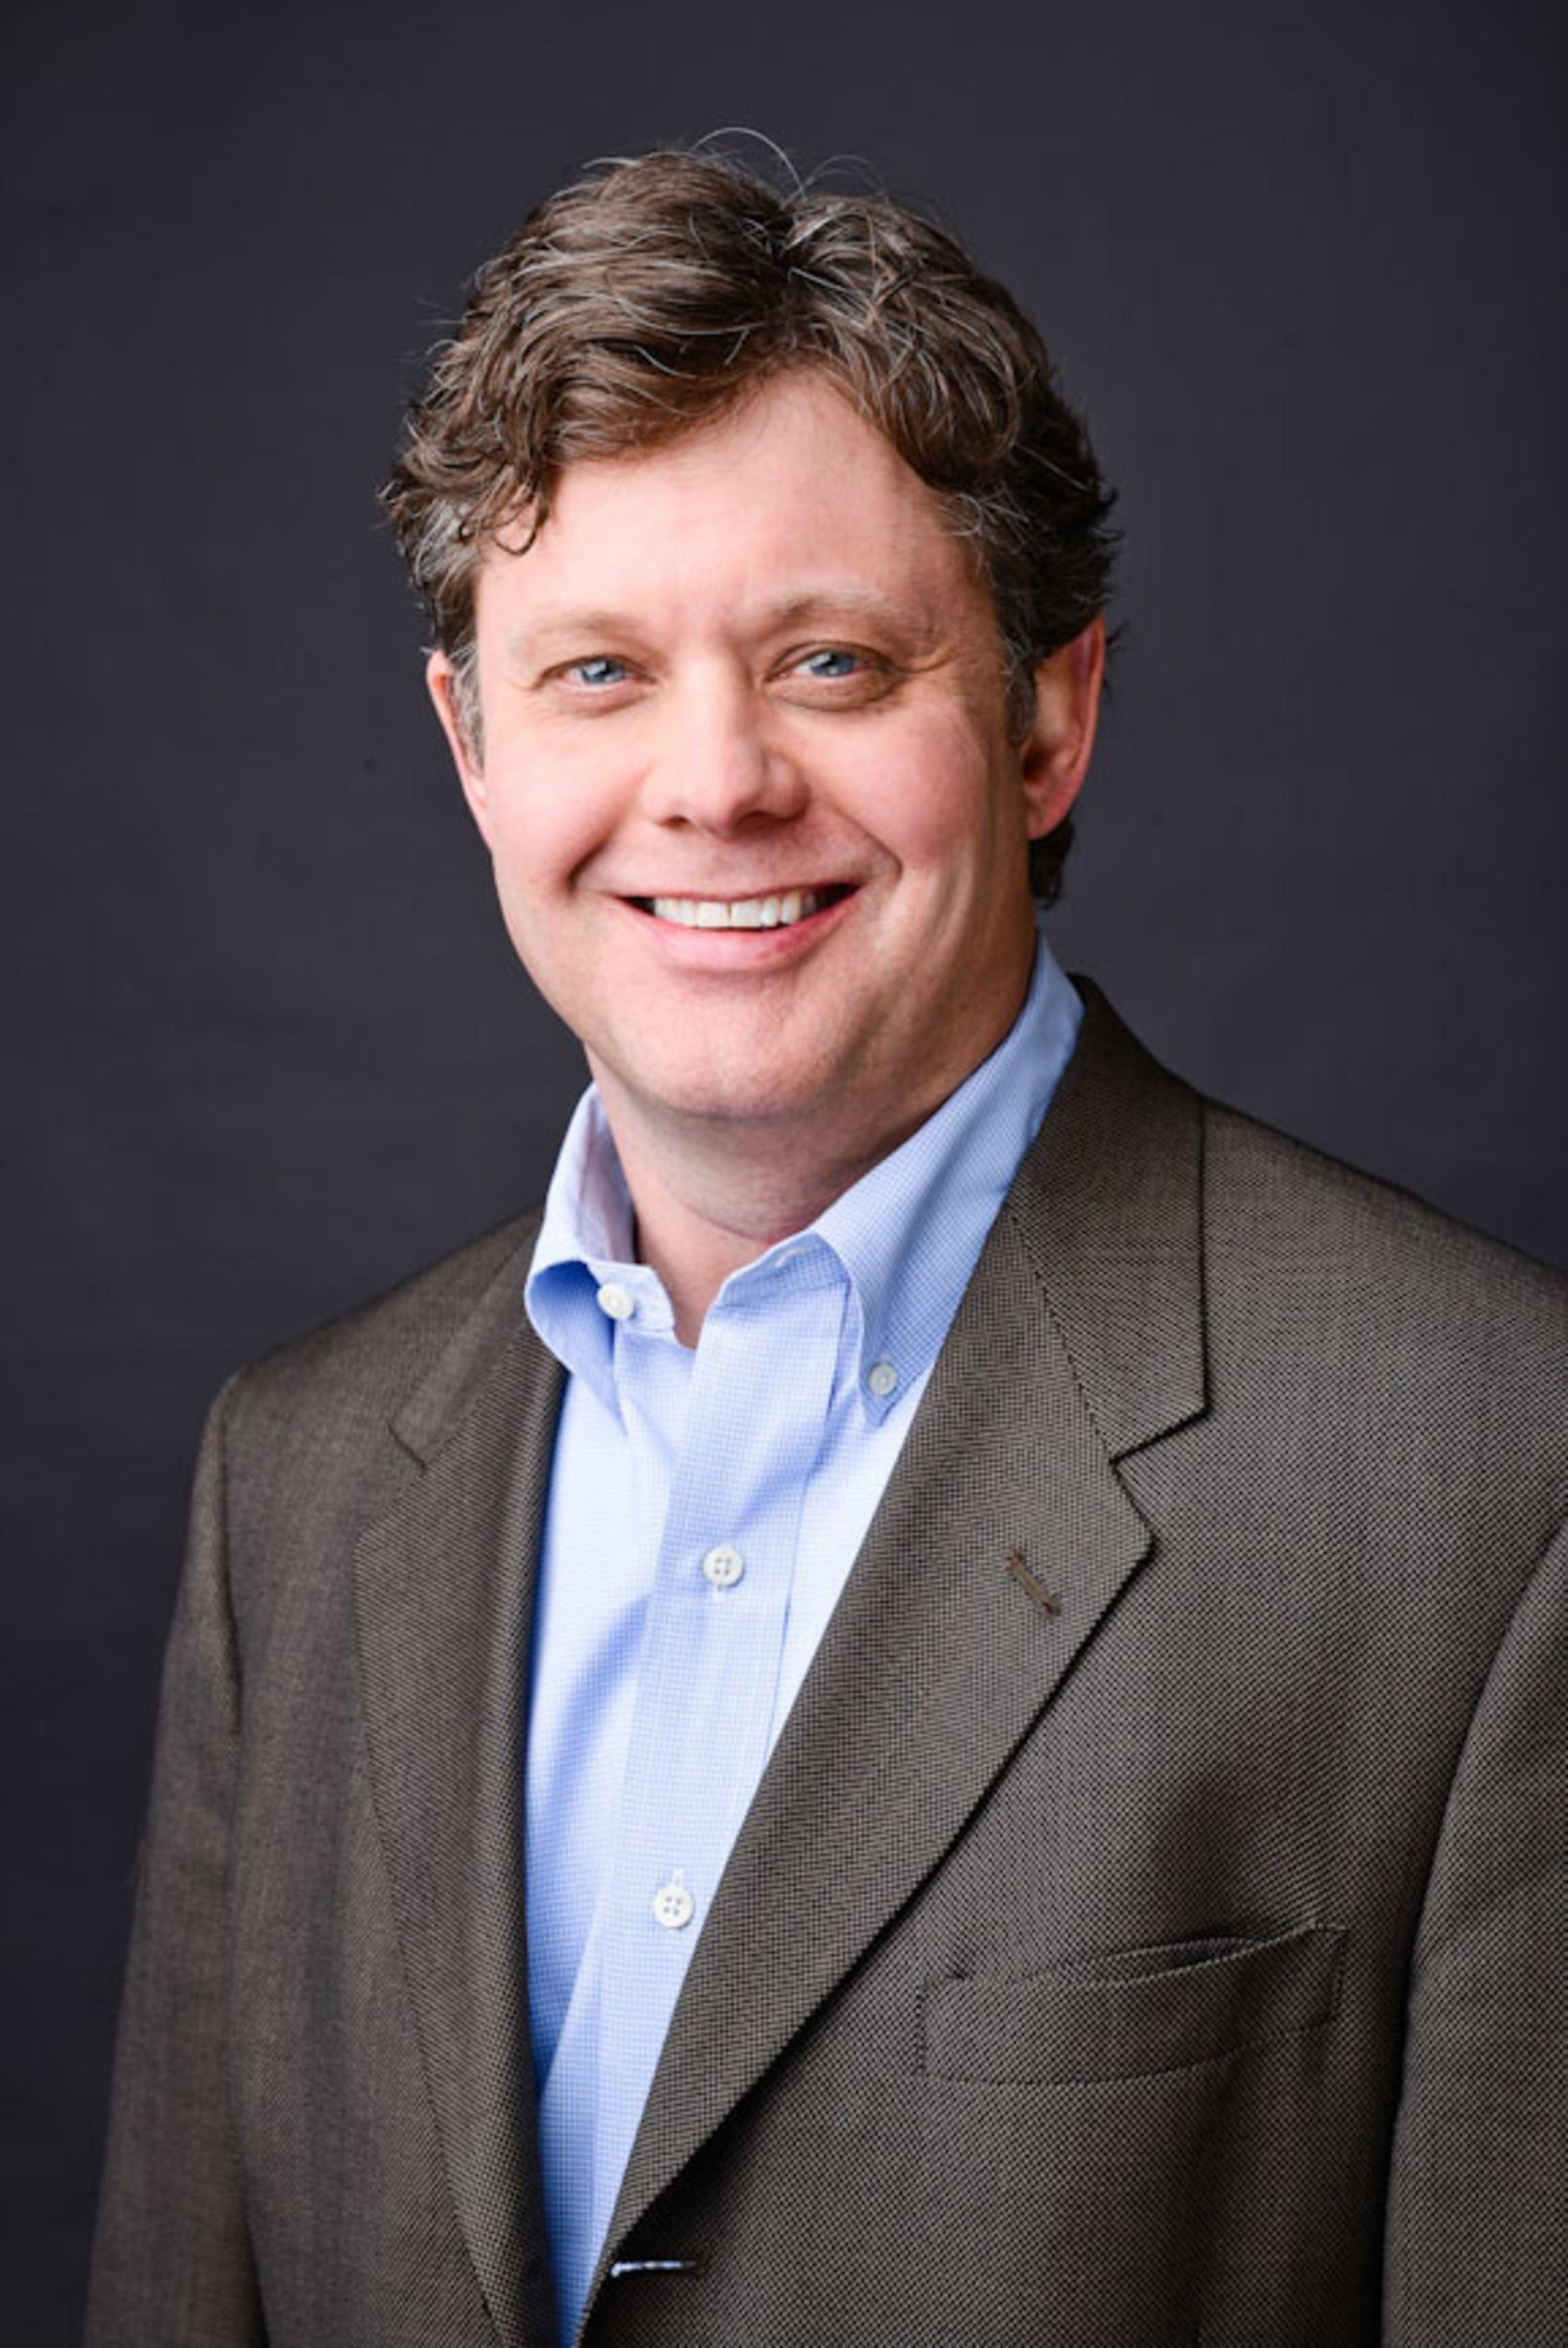 Scott Heimes, Chief Marketing Officer at SendGrid